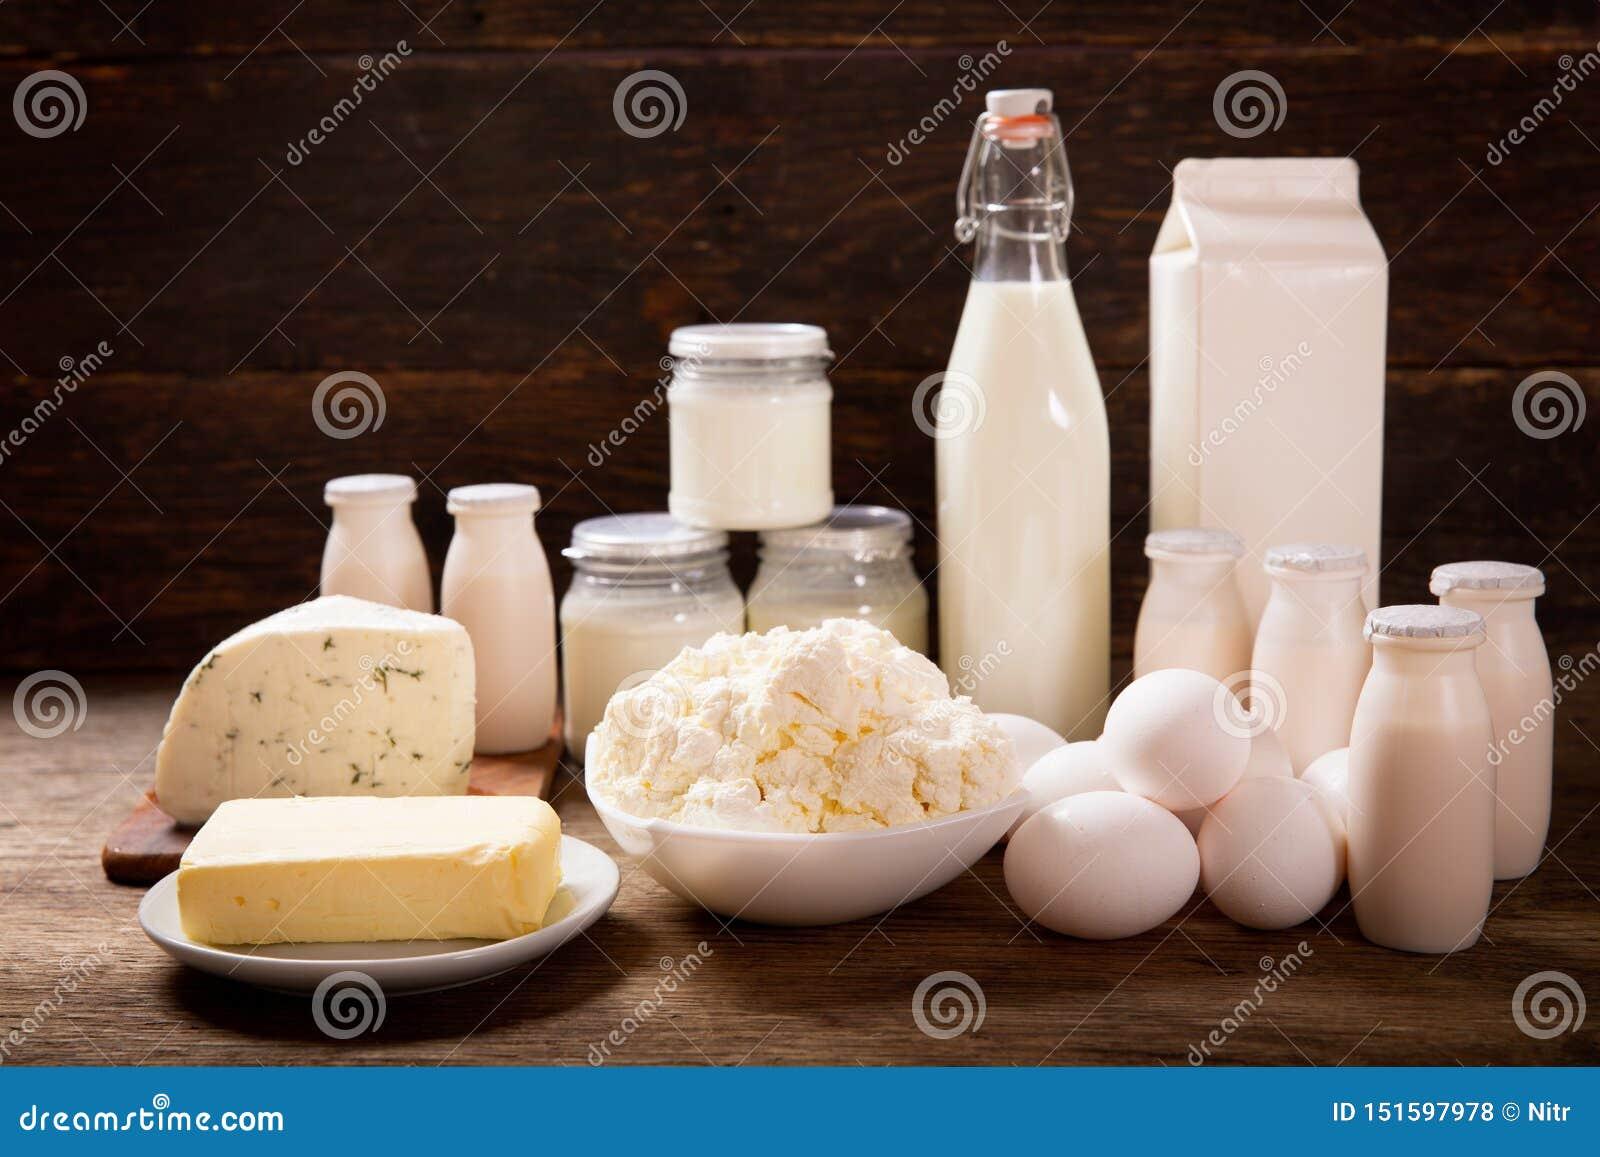 Olika typer av mejeriprodukter på den lantliga trätabellen